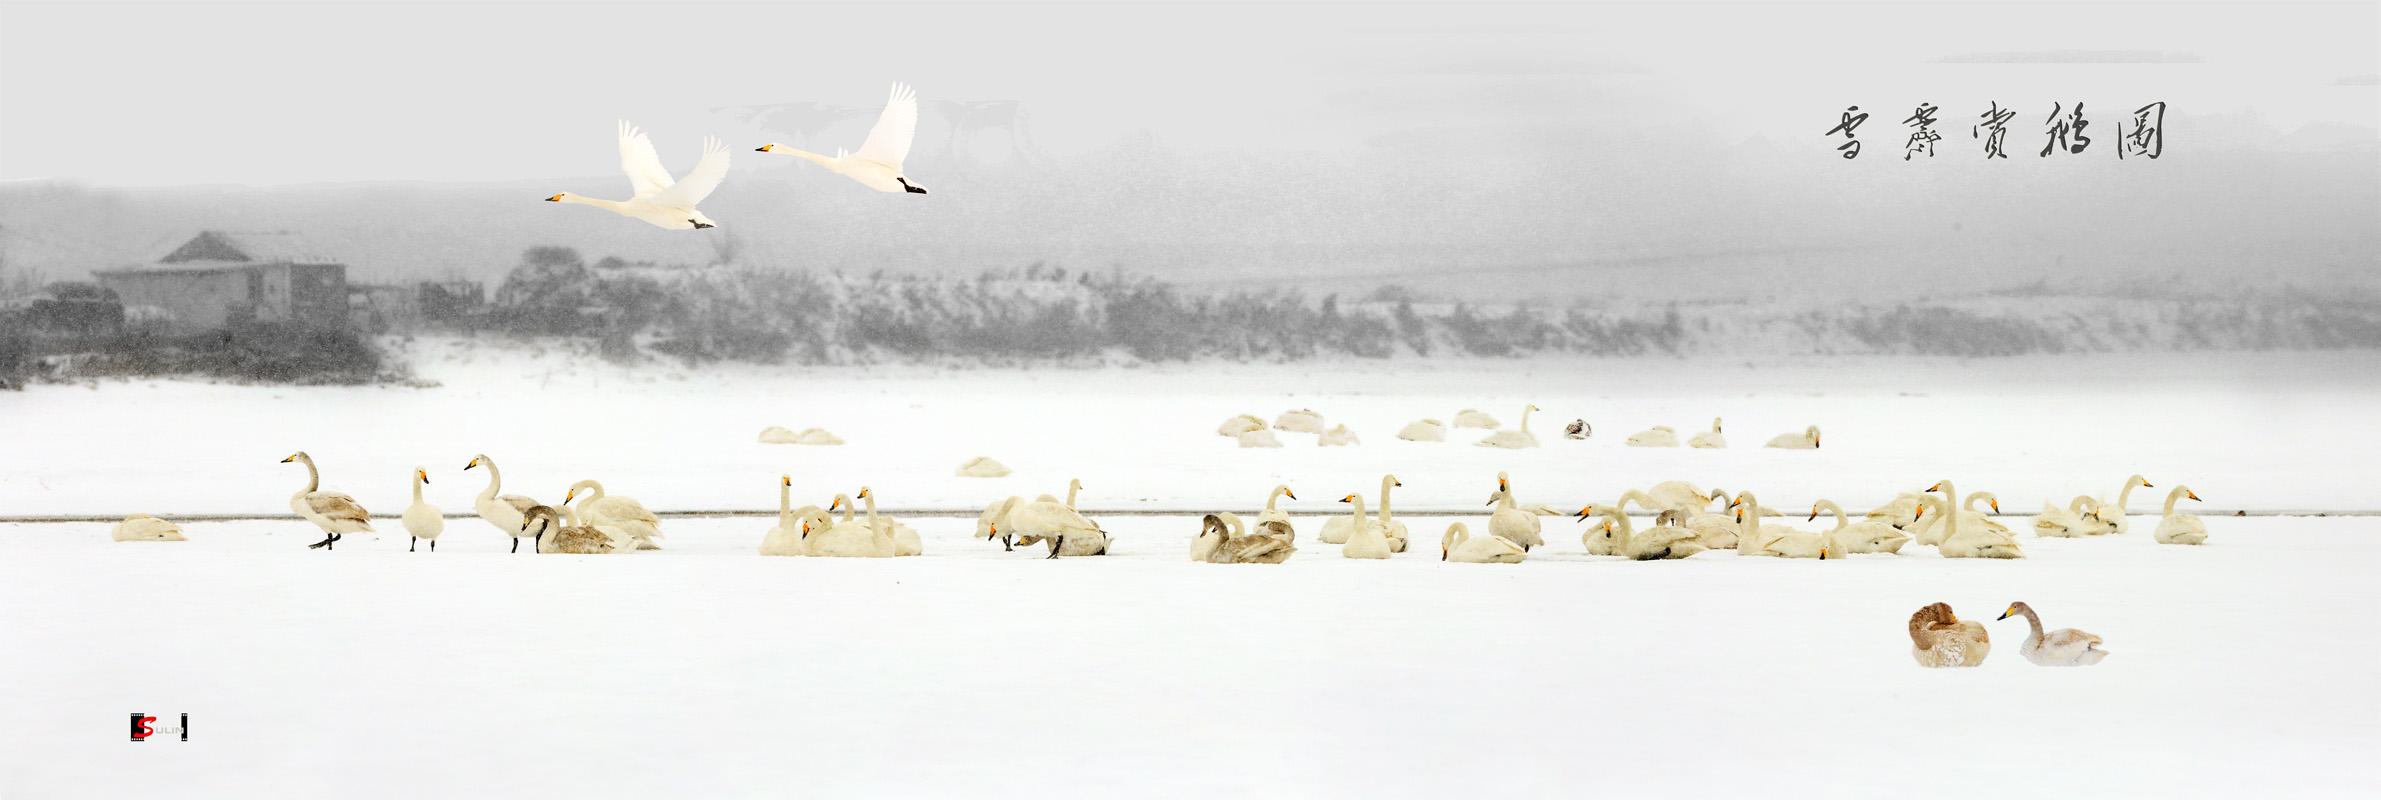 sdsulin作品:雪霁赏鹅图